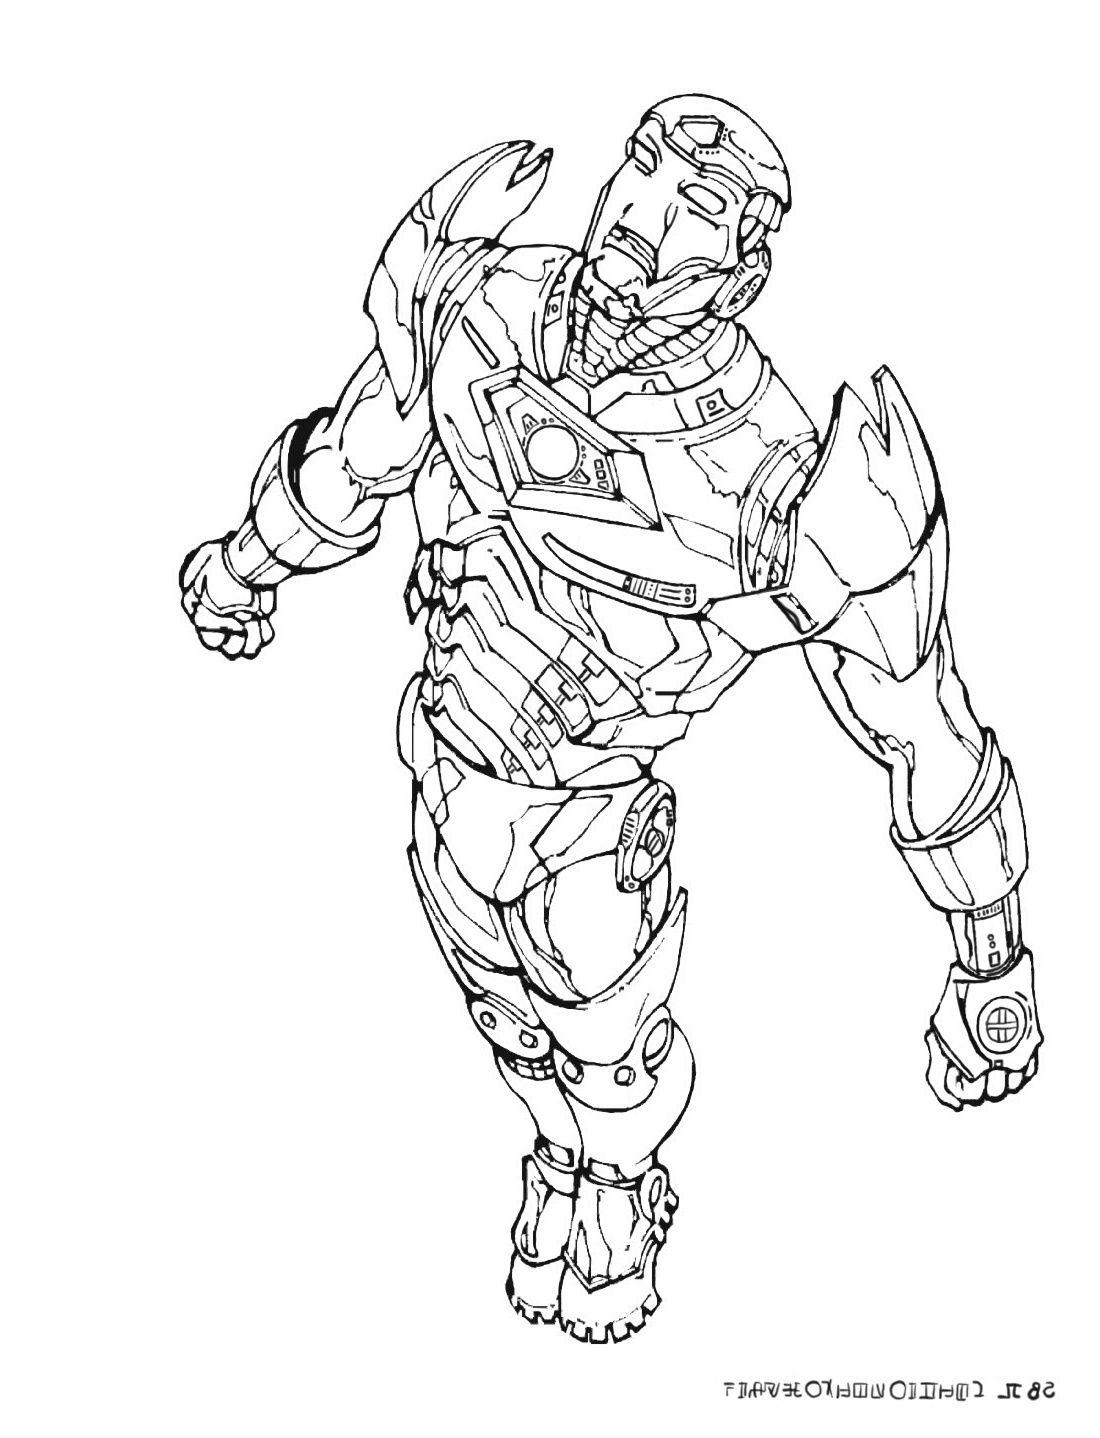 8 Beau De Avenger Coloriage Photographie Avengers Pictures Avengers Humanoid Sketch